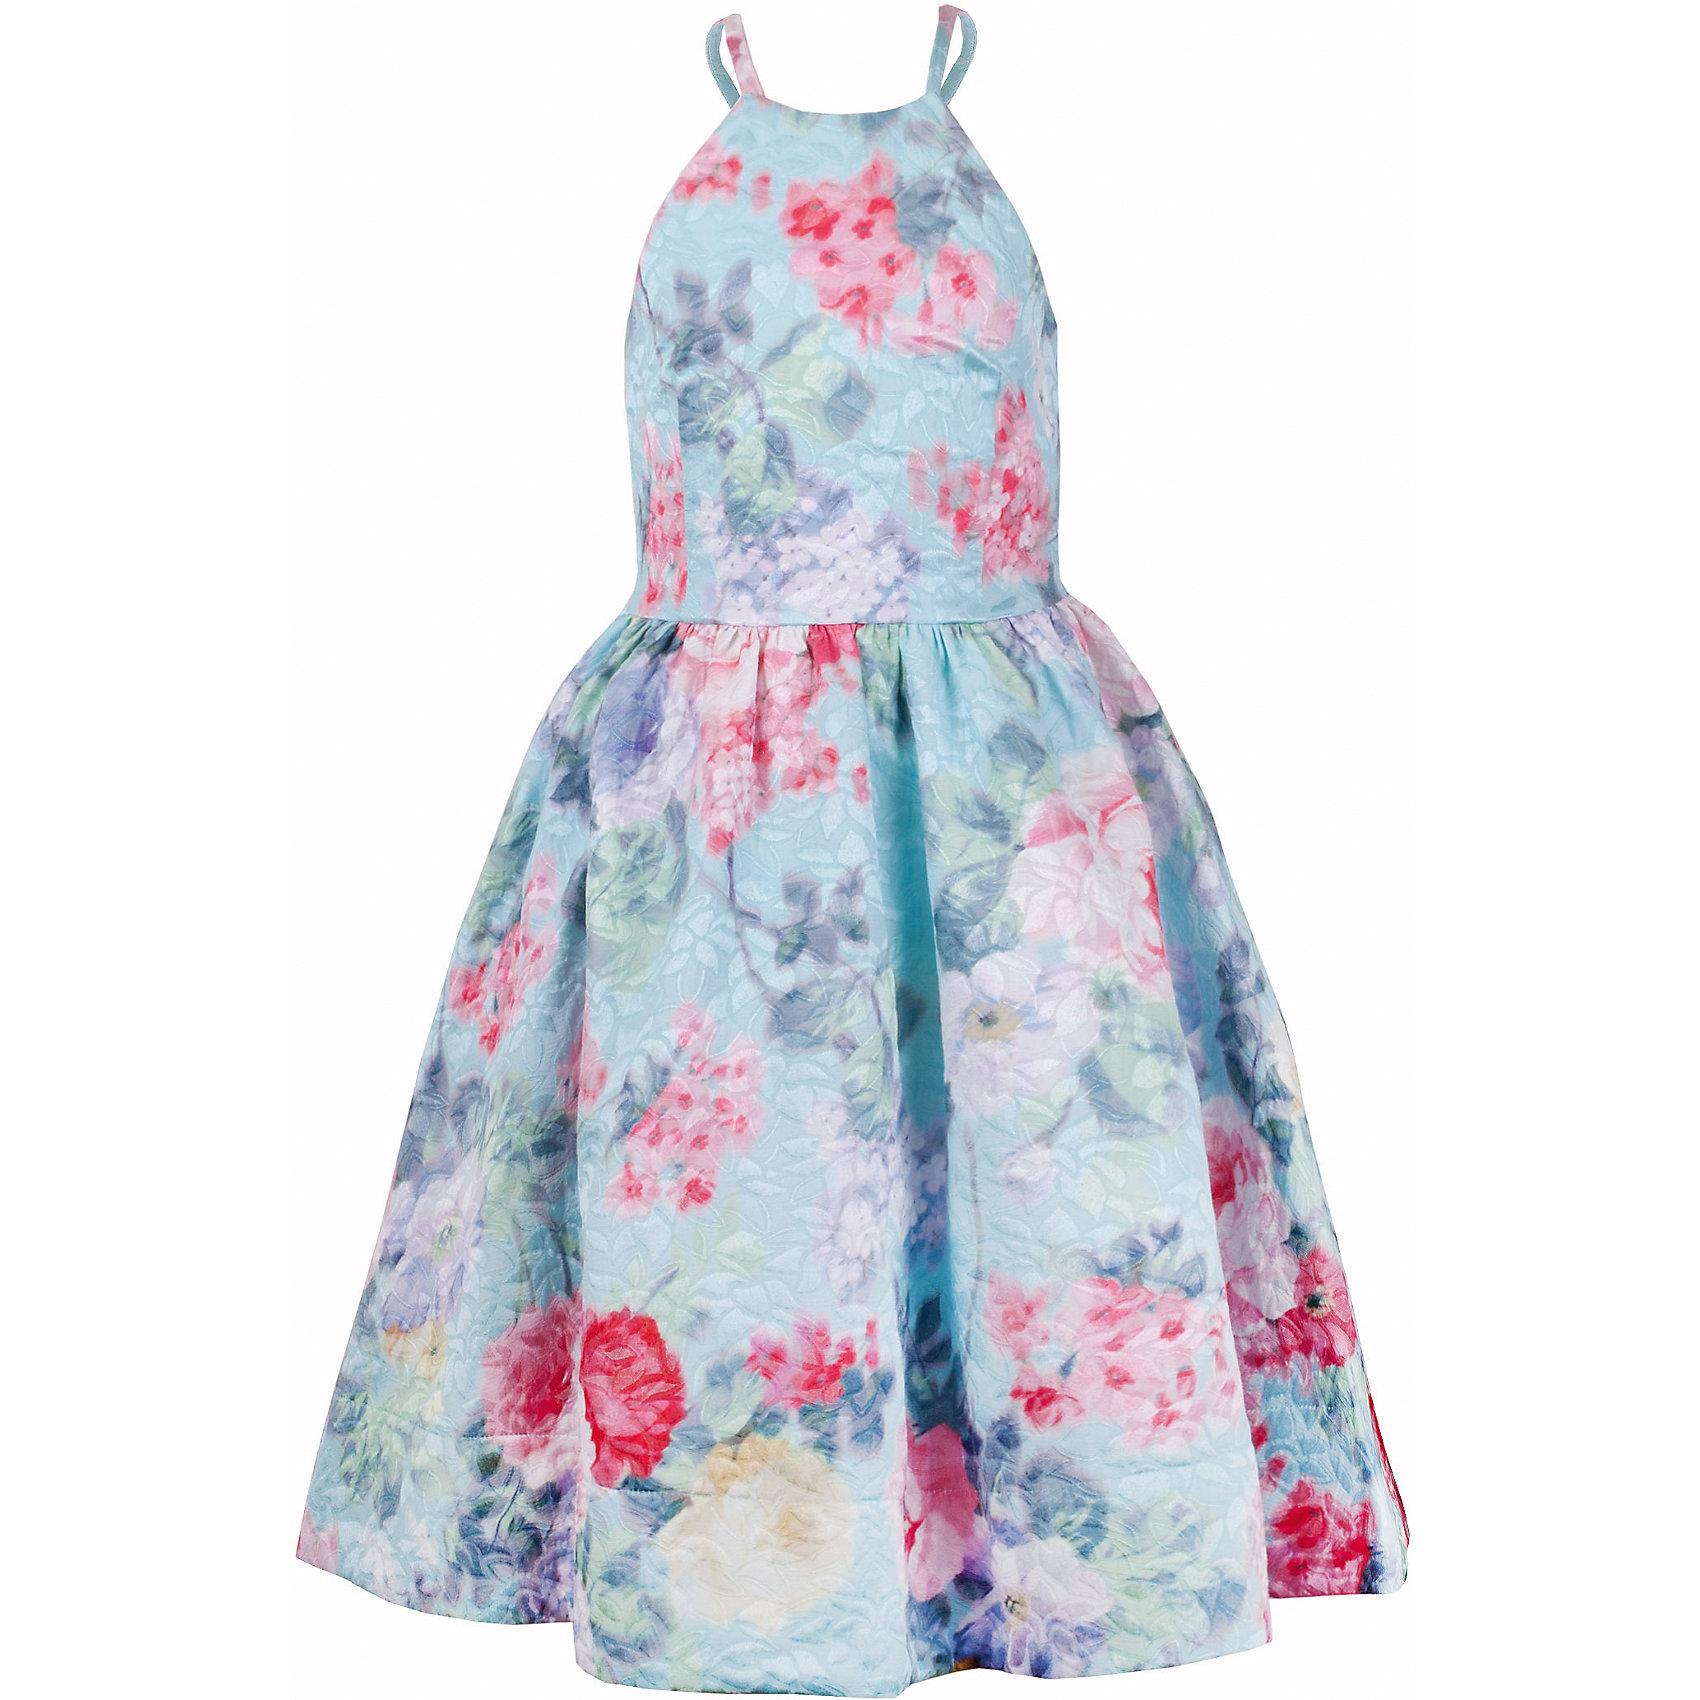 Платье для девочки GulliverПлатья и сарафаны<br>Роскошное платье из благородного жаккардового полотна с выразительным цветочным рисунком производит неизгладимое впечатление! Изящный лиф, пышная юбка, продуманная длина модели и точные пропорции делают платье незаменимой моделью для выхода в свет. Оно привнесет в образ ребенка яркие индивидуальные черты, подчеркнет романтичность и утонченность и, конечно, привлечет восхищенные взгляды окружающих. Если вы хотите приобрести что-то необыкновенное, вам стоит купить это платье из коллекции Акварель. Оно создаст образ современной принцессы с хорошим вкусом и благородными манерами.<br>Состав:<br>верх:                  63% хлопок          37% полиэстер; подкладка:           100% хлопок<br><br>Ширина мм: 236<br>Глубина мм: 16<br>Высота мм: 184<br>Вес г: 177<br>Цвет: голубой<br>Возраст от месяцев: 156<br>Возраст до месяцев: 168<br>Пол: Женский<br>Возраст: Детский<br>Размер: 164,146,152,158<br>SKU: 5483414